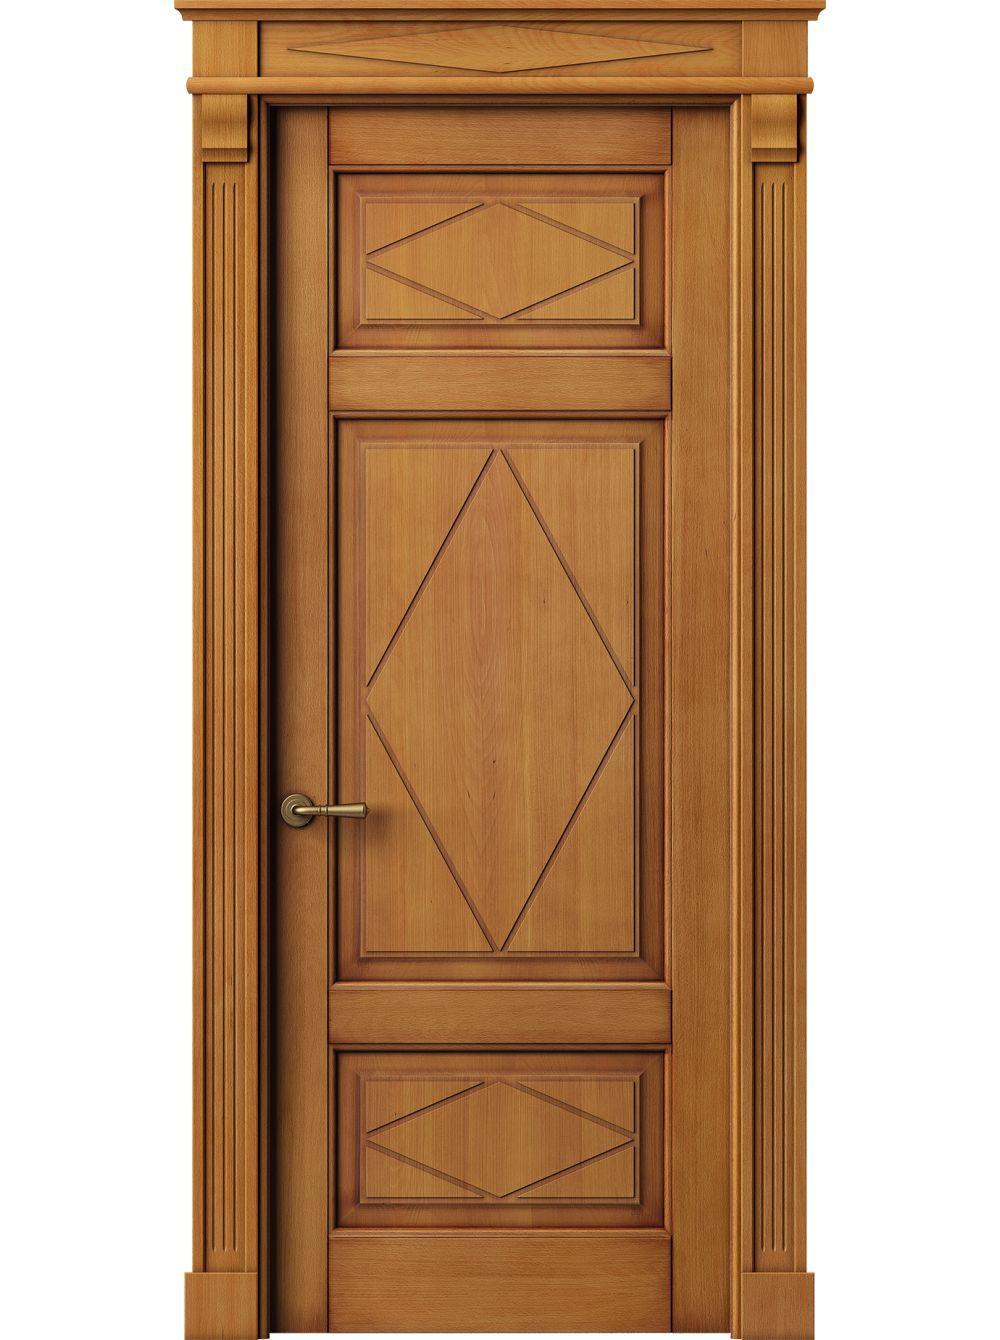 Interior Door tuscan interior doors pictures : Sarto Toscana Rombo 6347 Interior Door Beech Light Patina ...